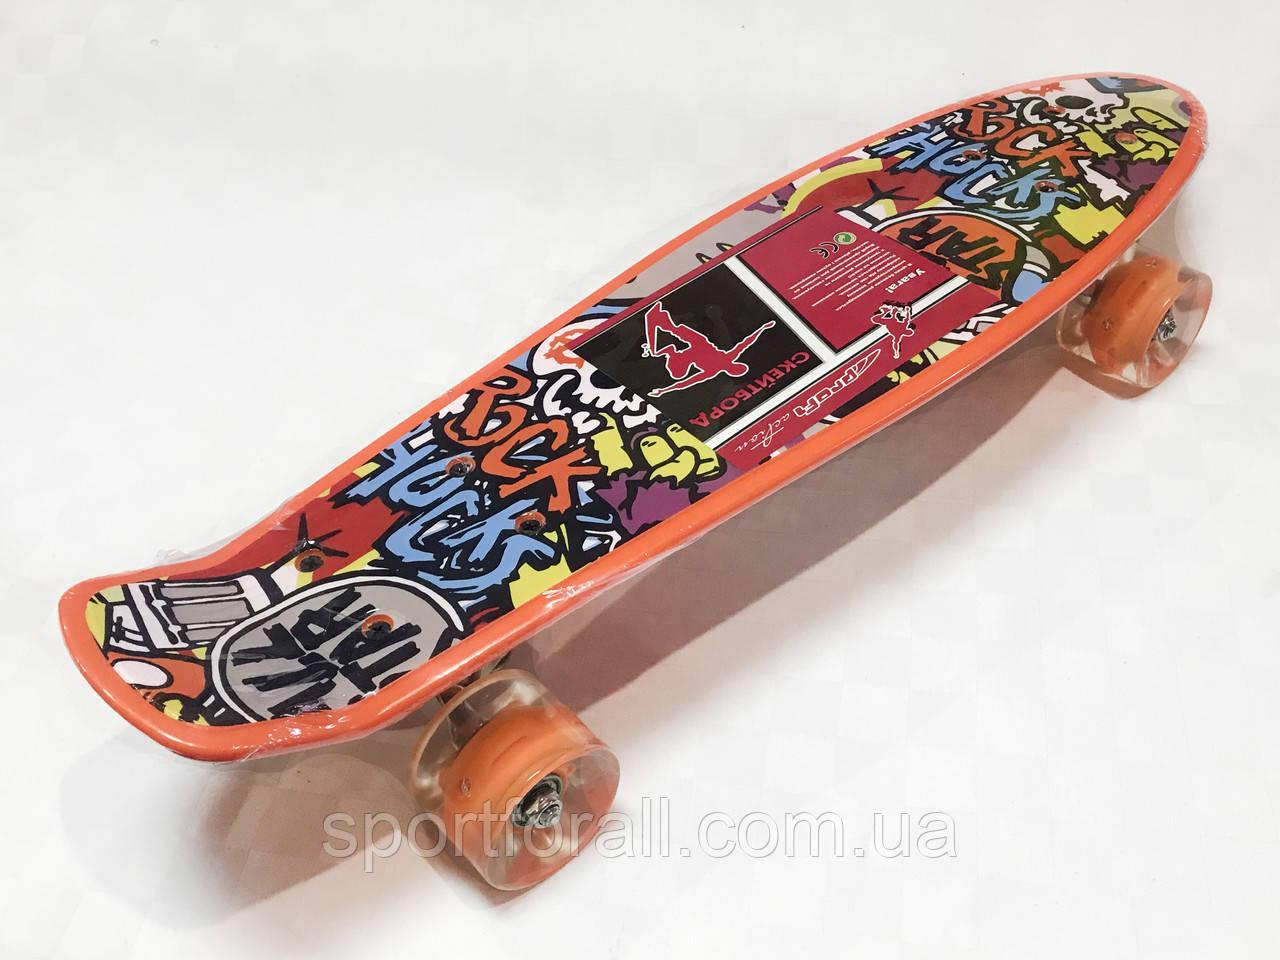 Пенниборд (скейтборд) колёса PU Светятся Profi MS 0749 - 5 (оранжевый)